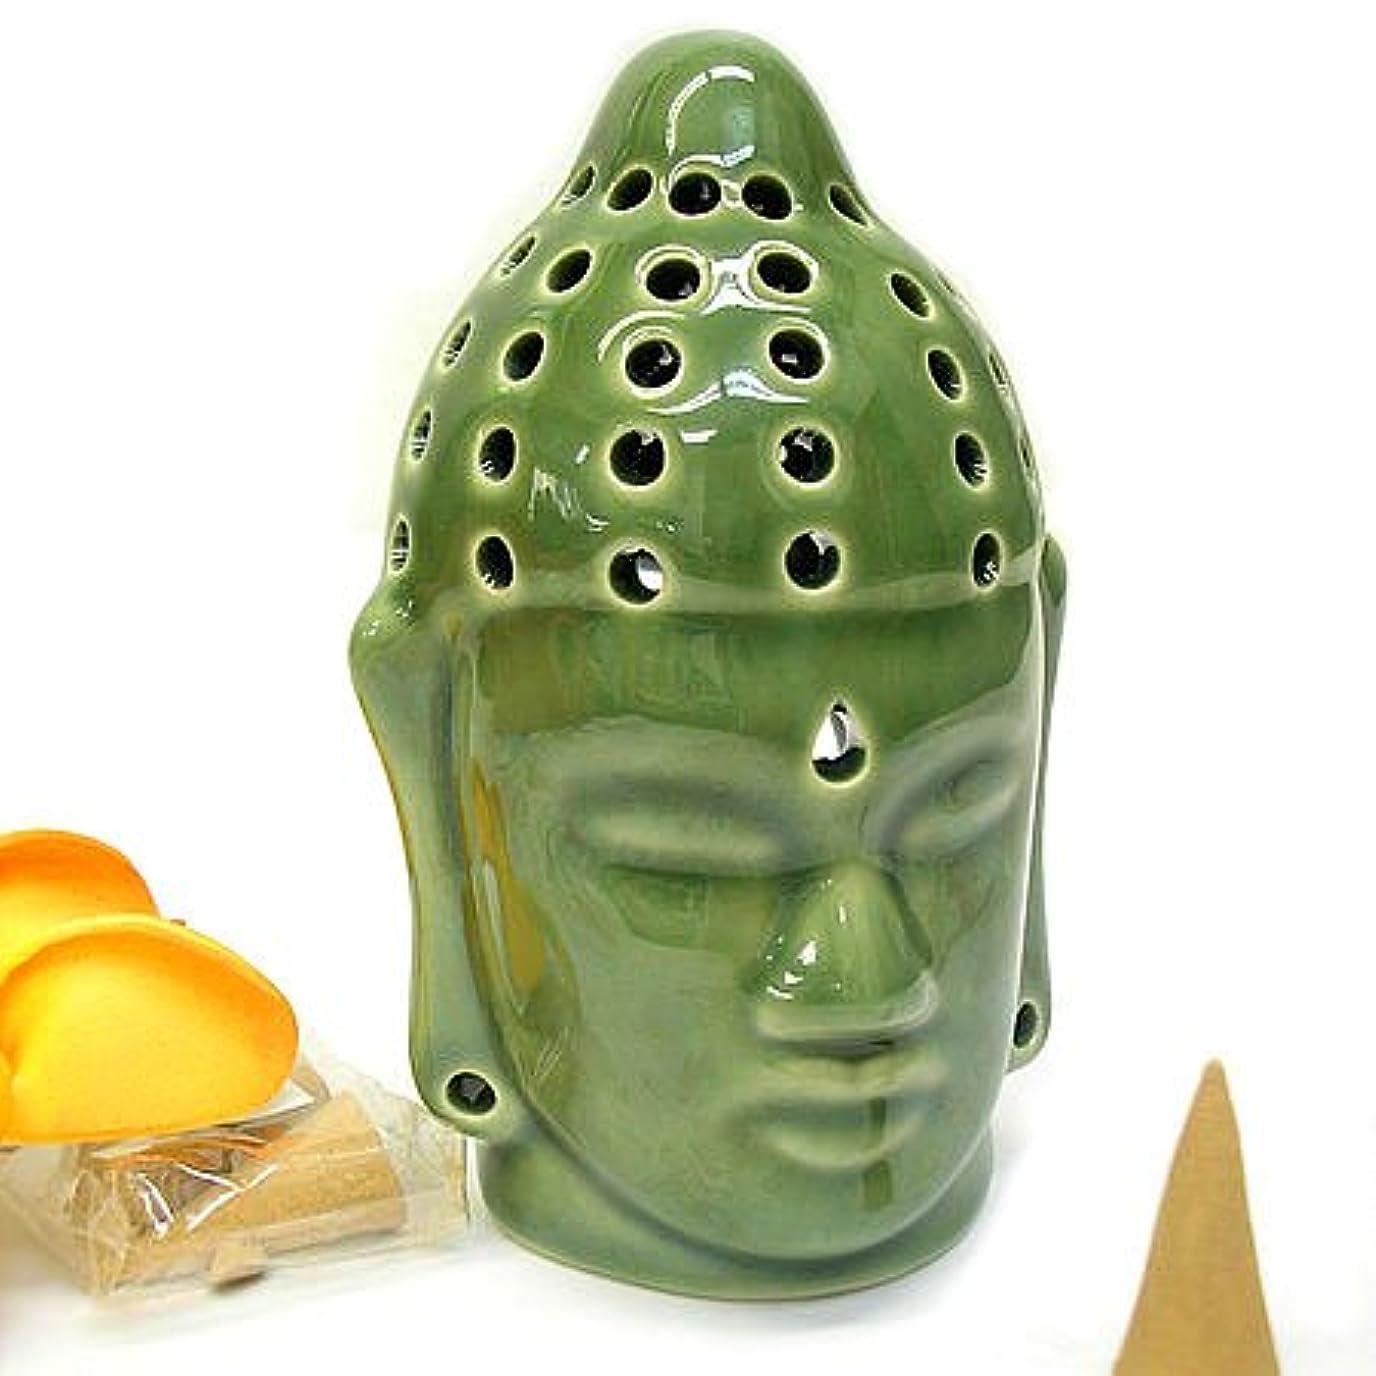 あいさつ孤独な割る仏陀の お香たて 香炉 コーン用 緑 インセンスホルダー コーン用 お香立て お香たて アジアン雑貨 バリ雑貨